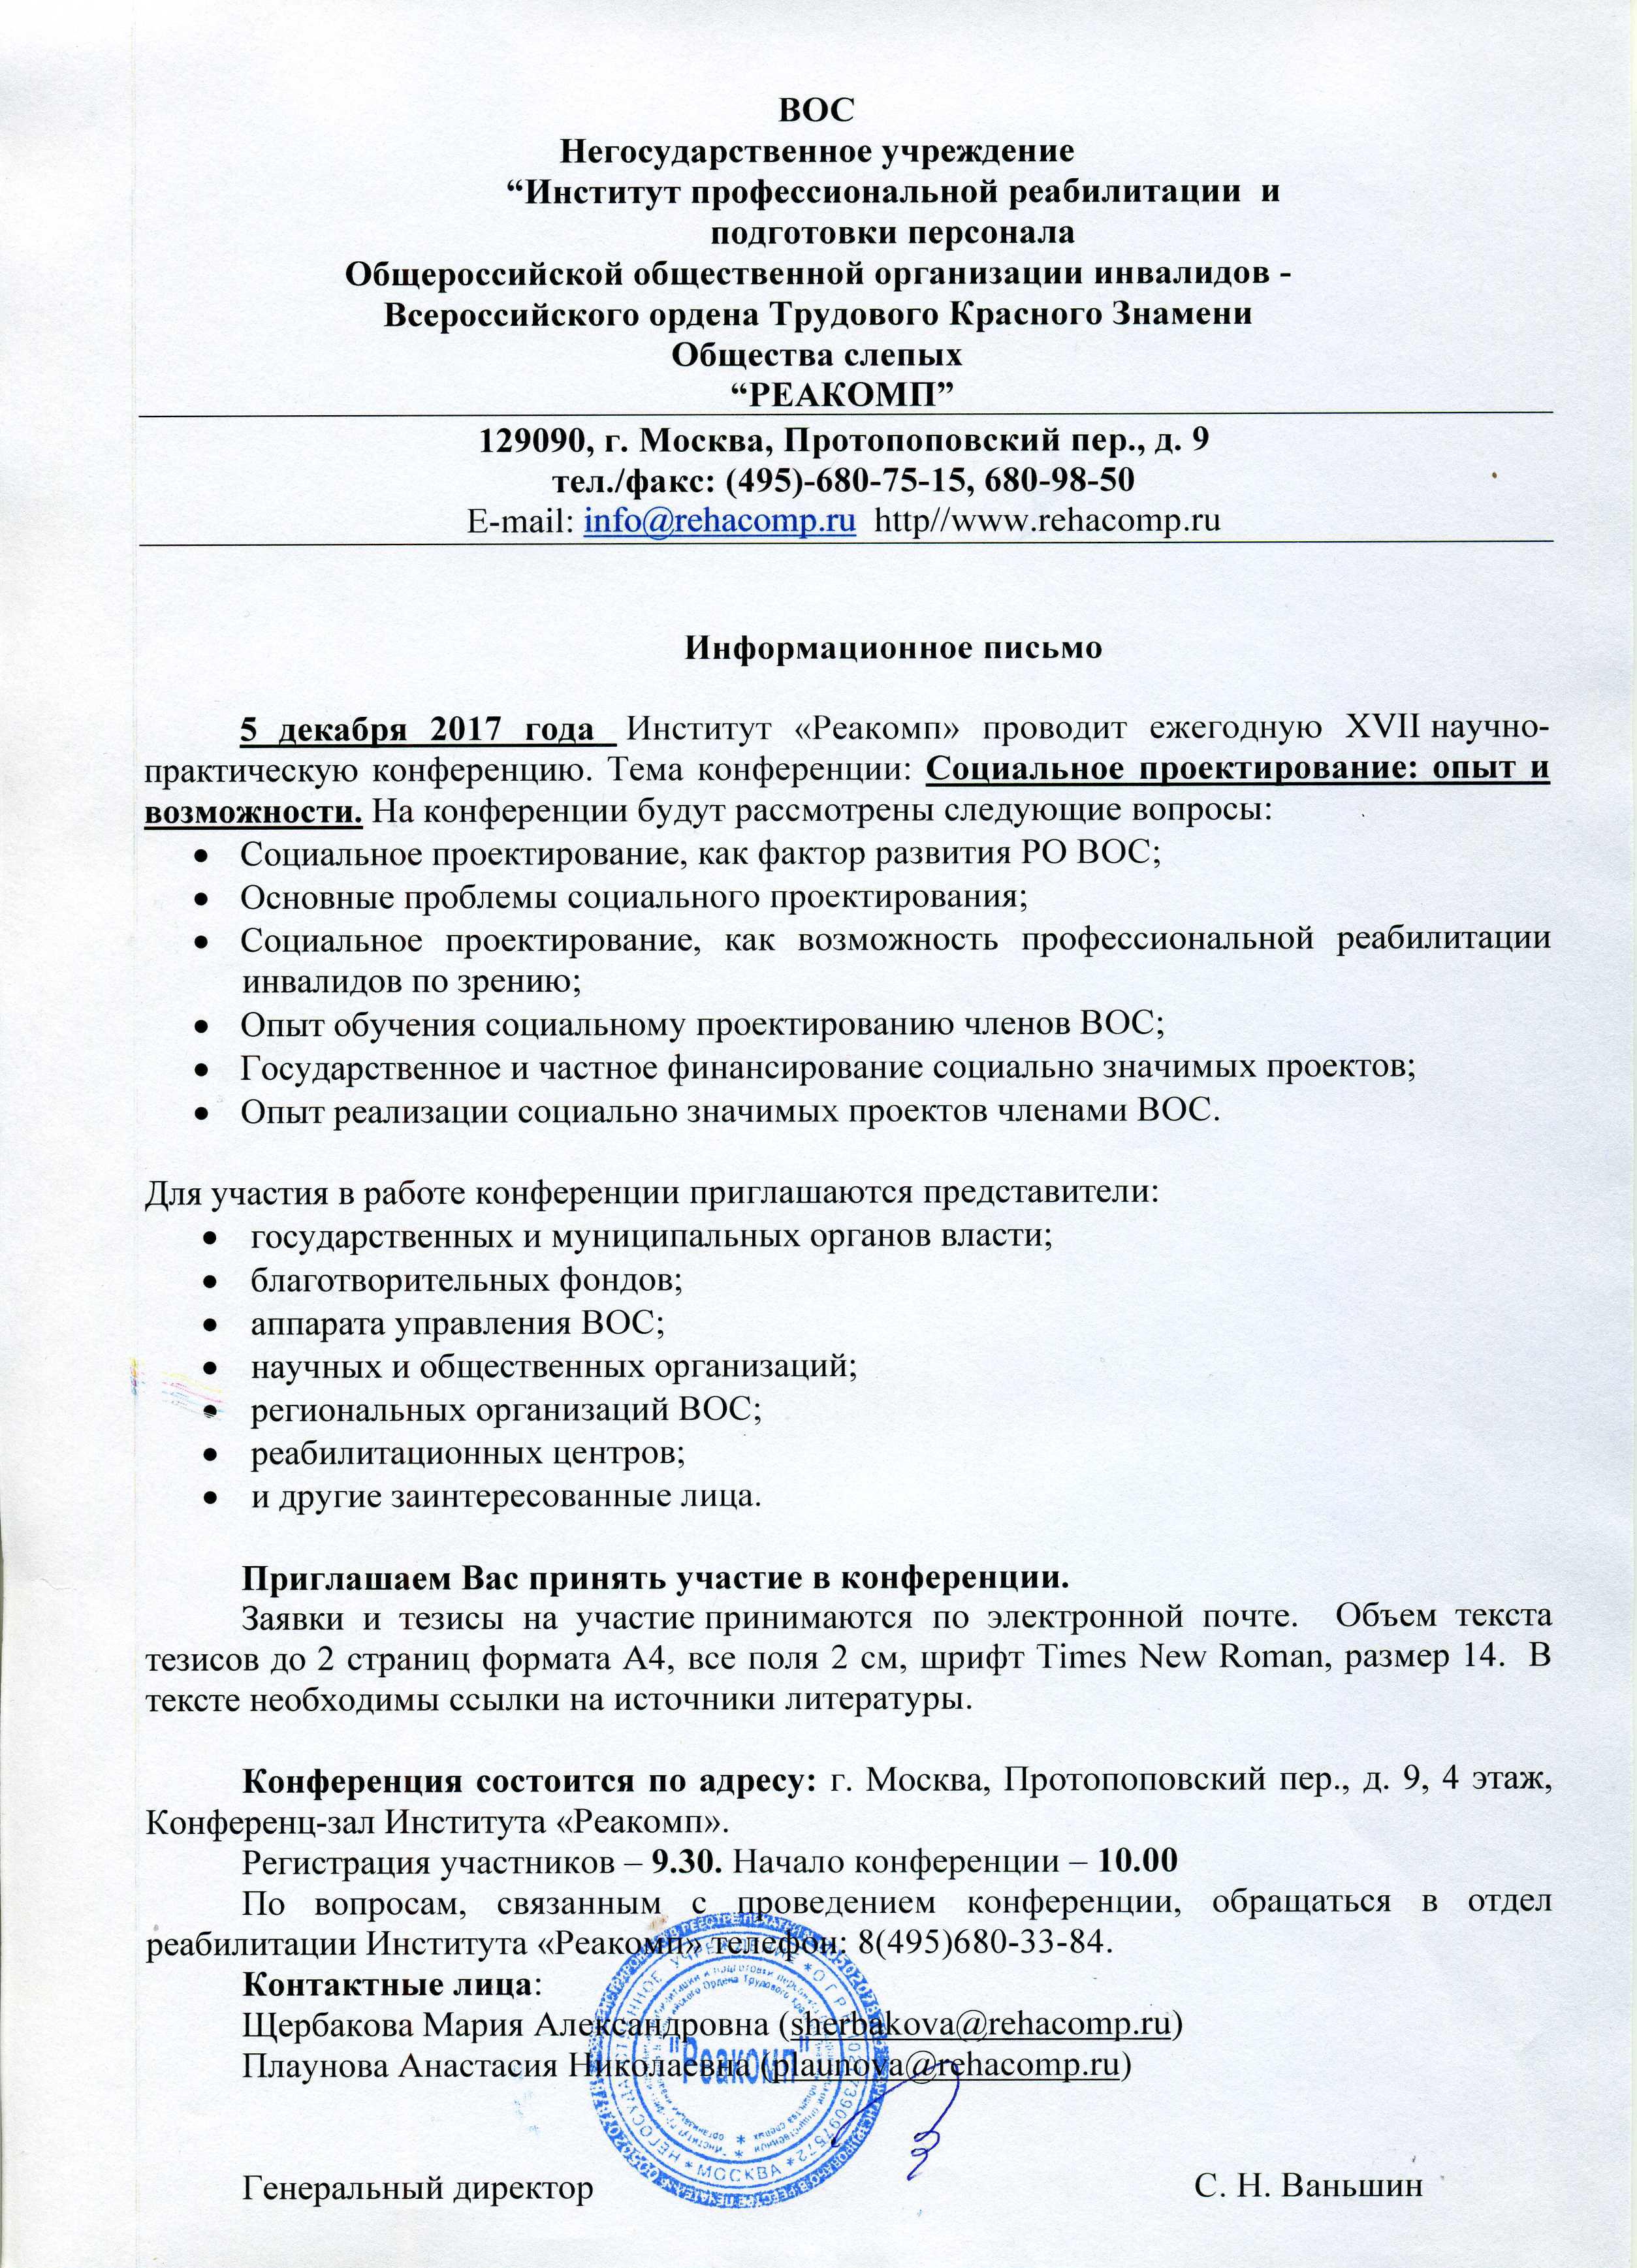 XVII научно-практическая конференция НУ ИПРПП ВОС «Реакомп»